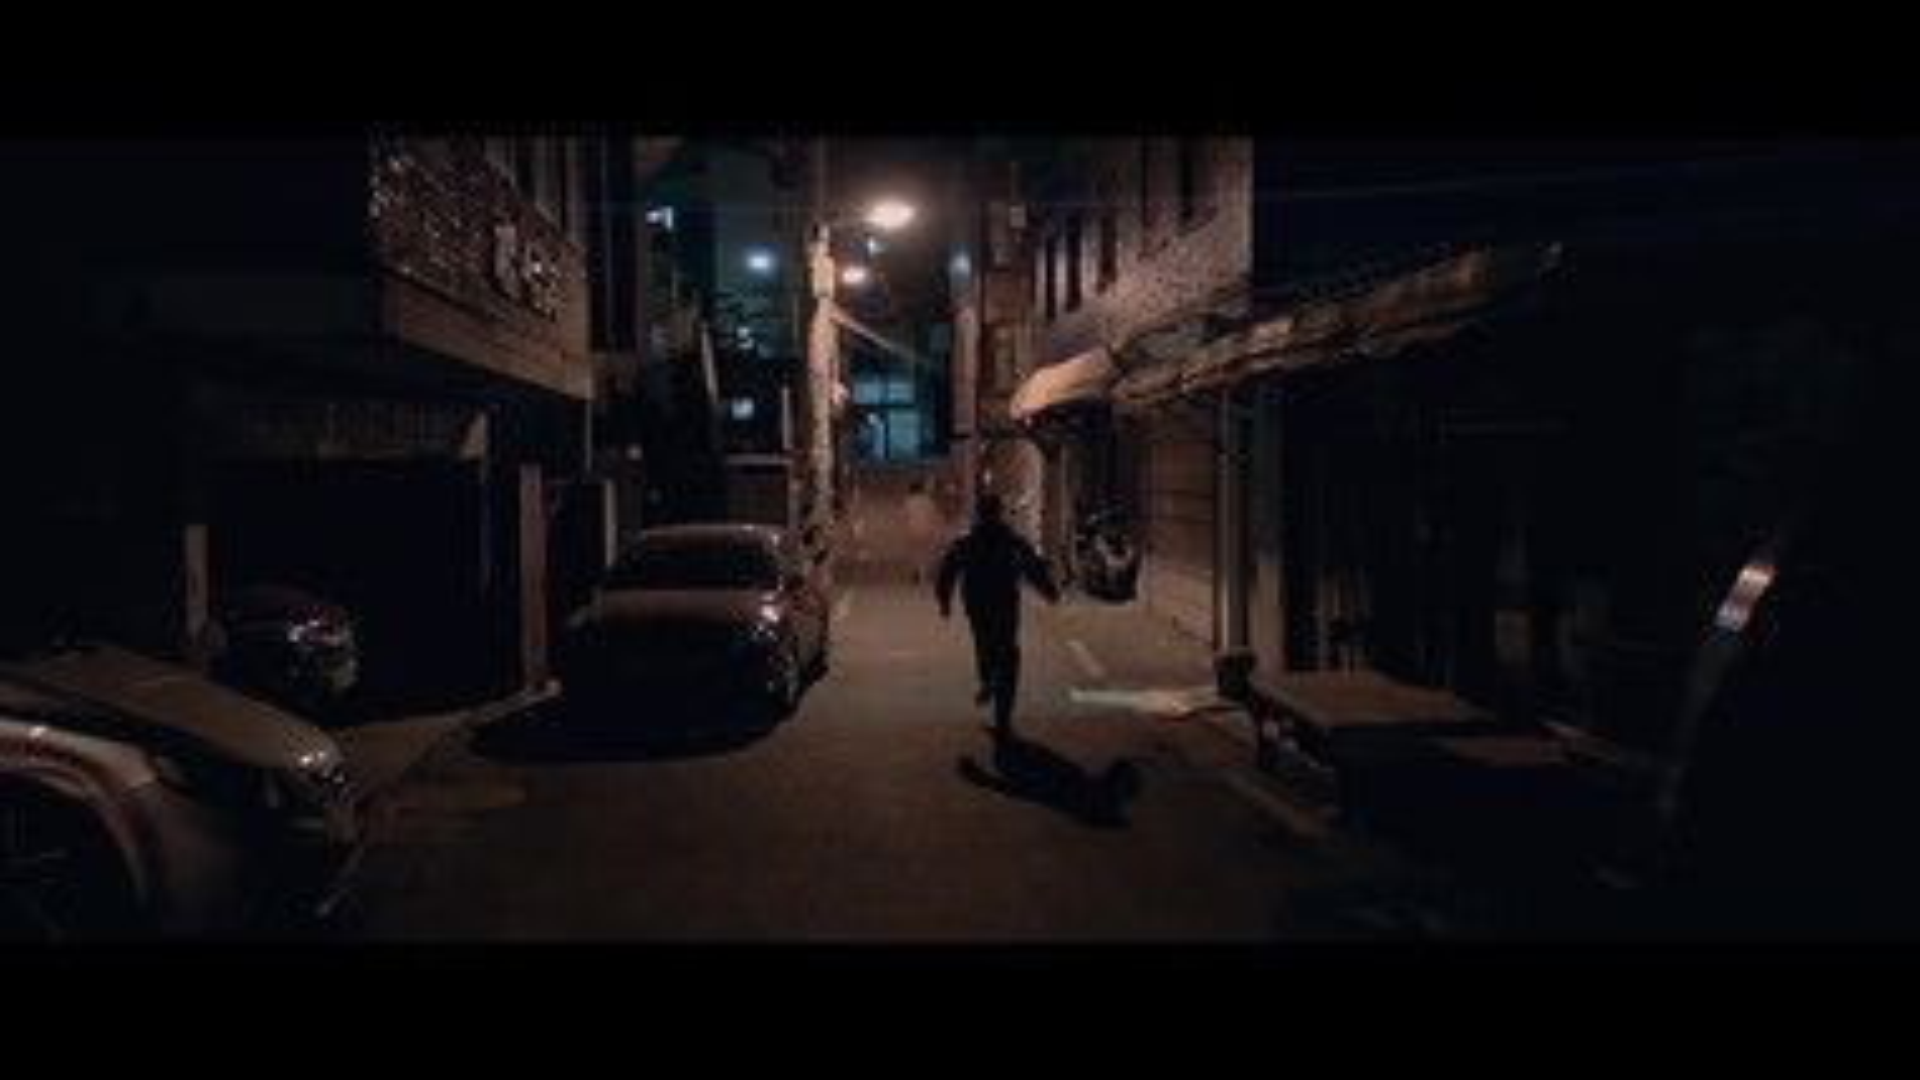 Trailer 2: Alone